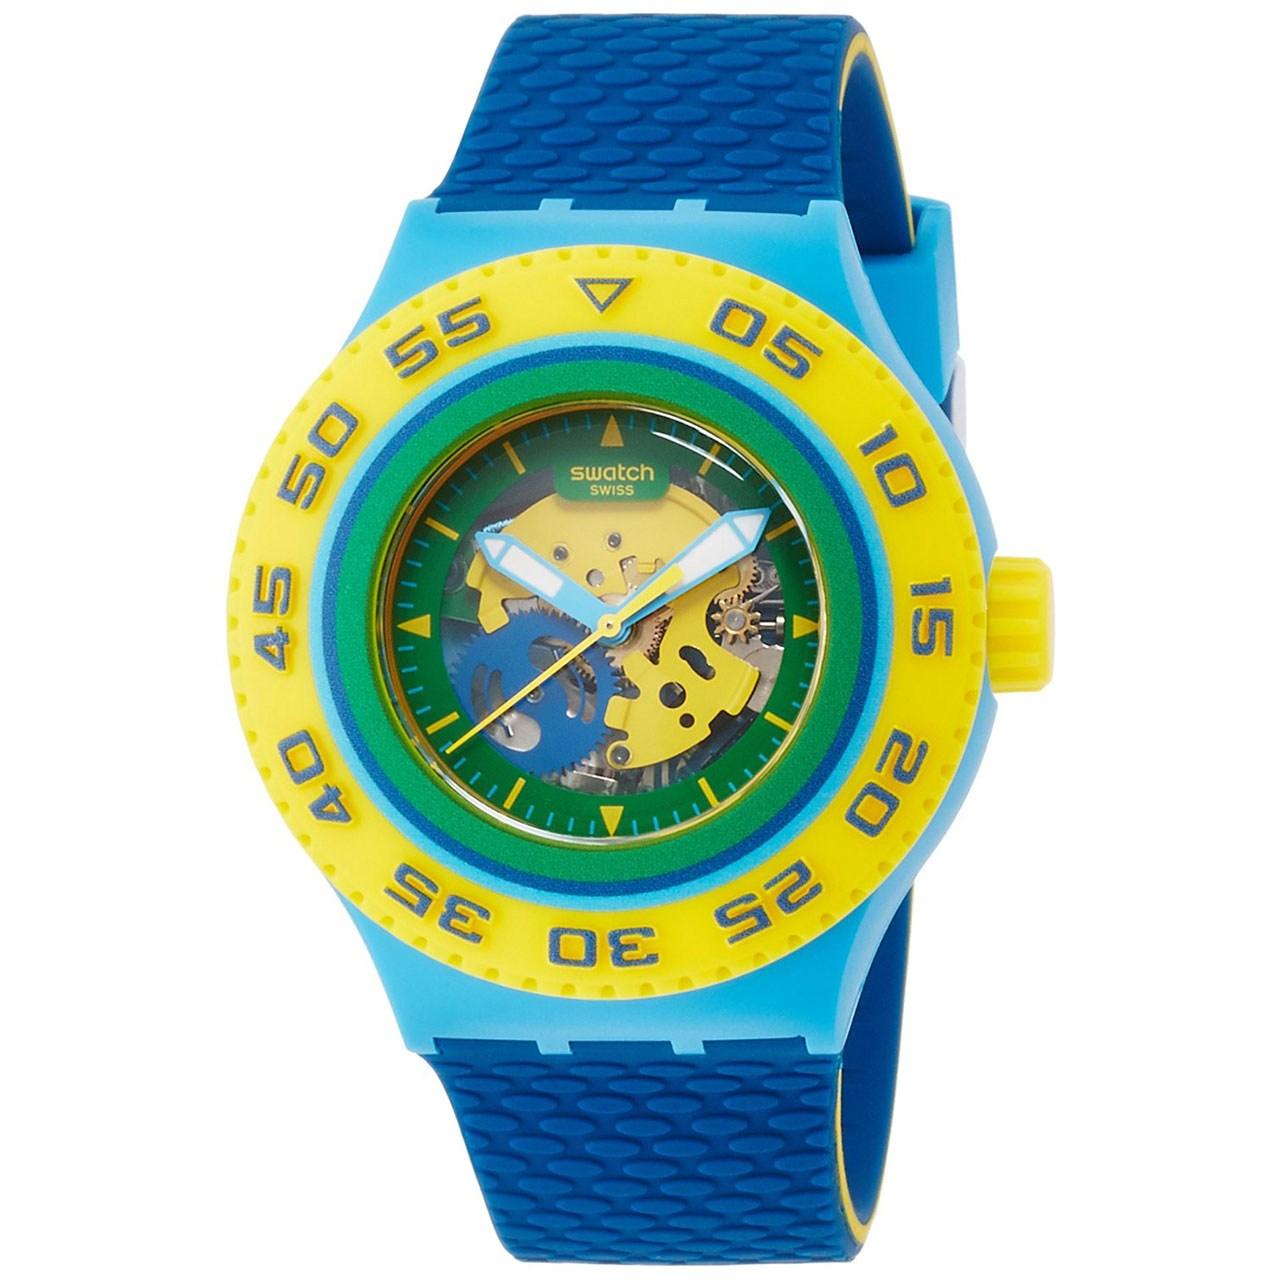 ساعت مچی عقربه ای سواچ مدل SUUS102 52